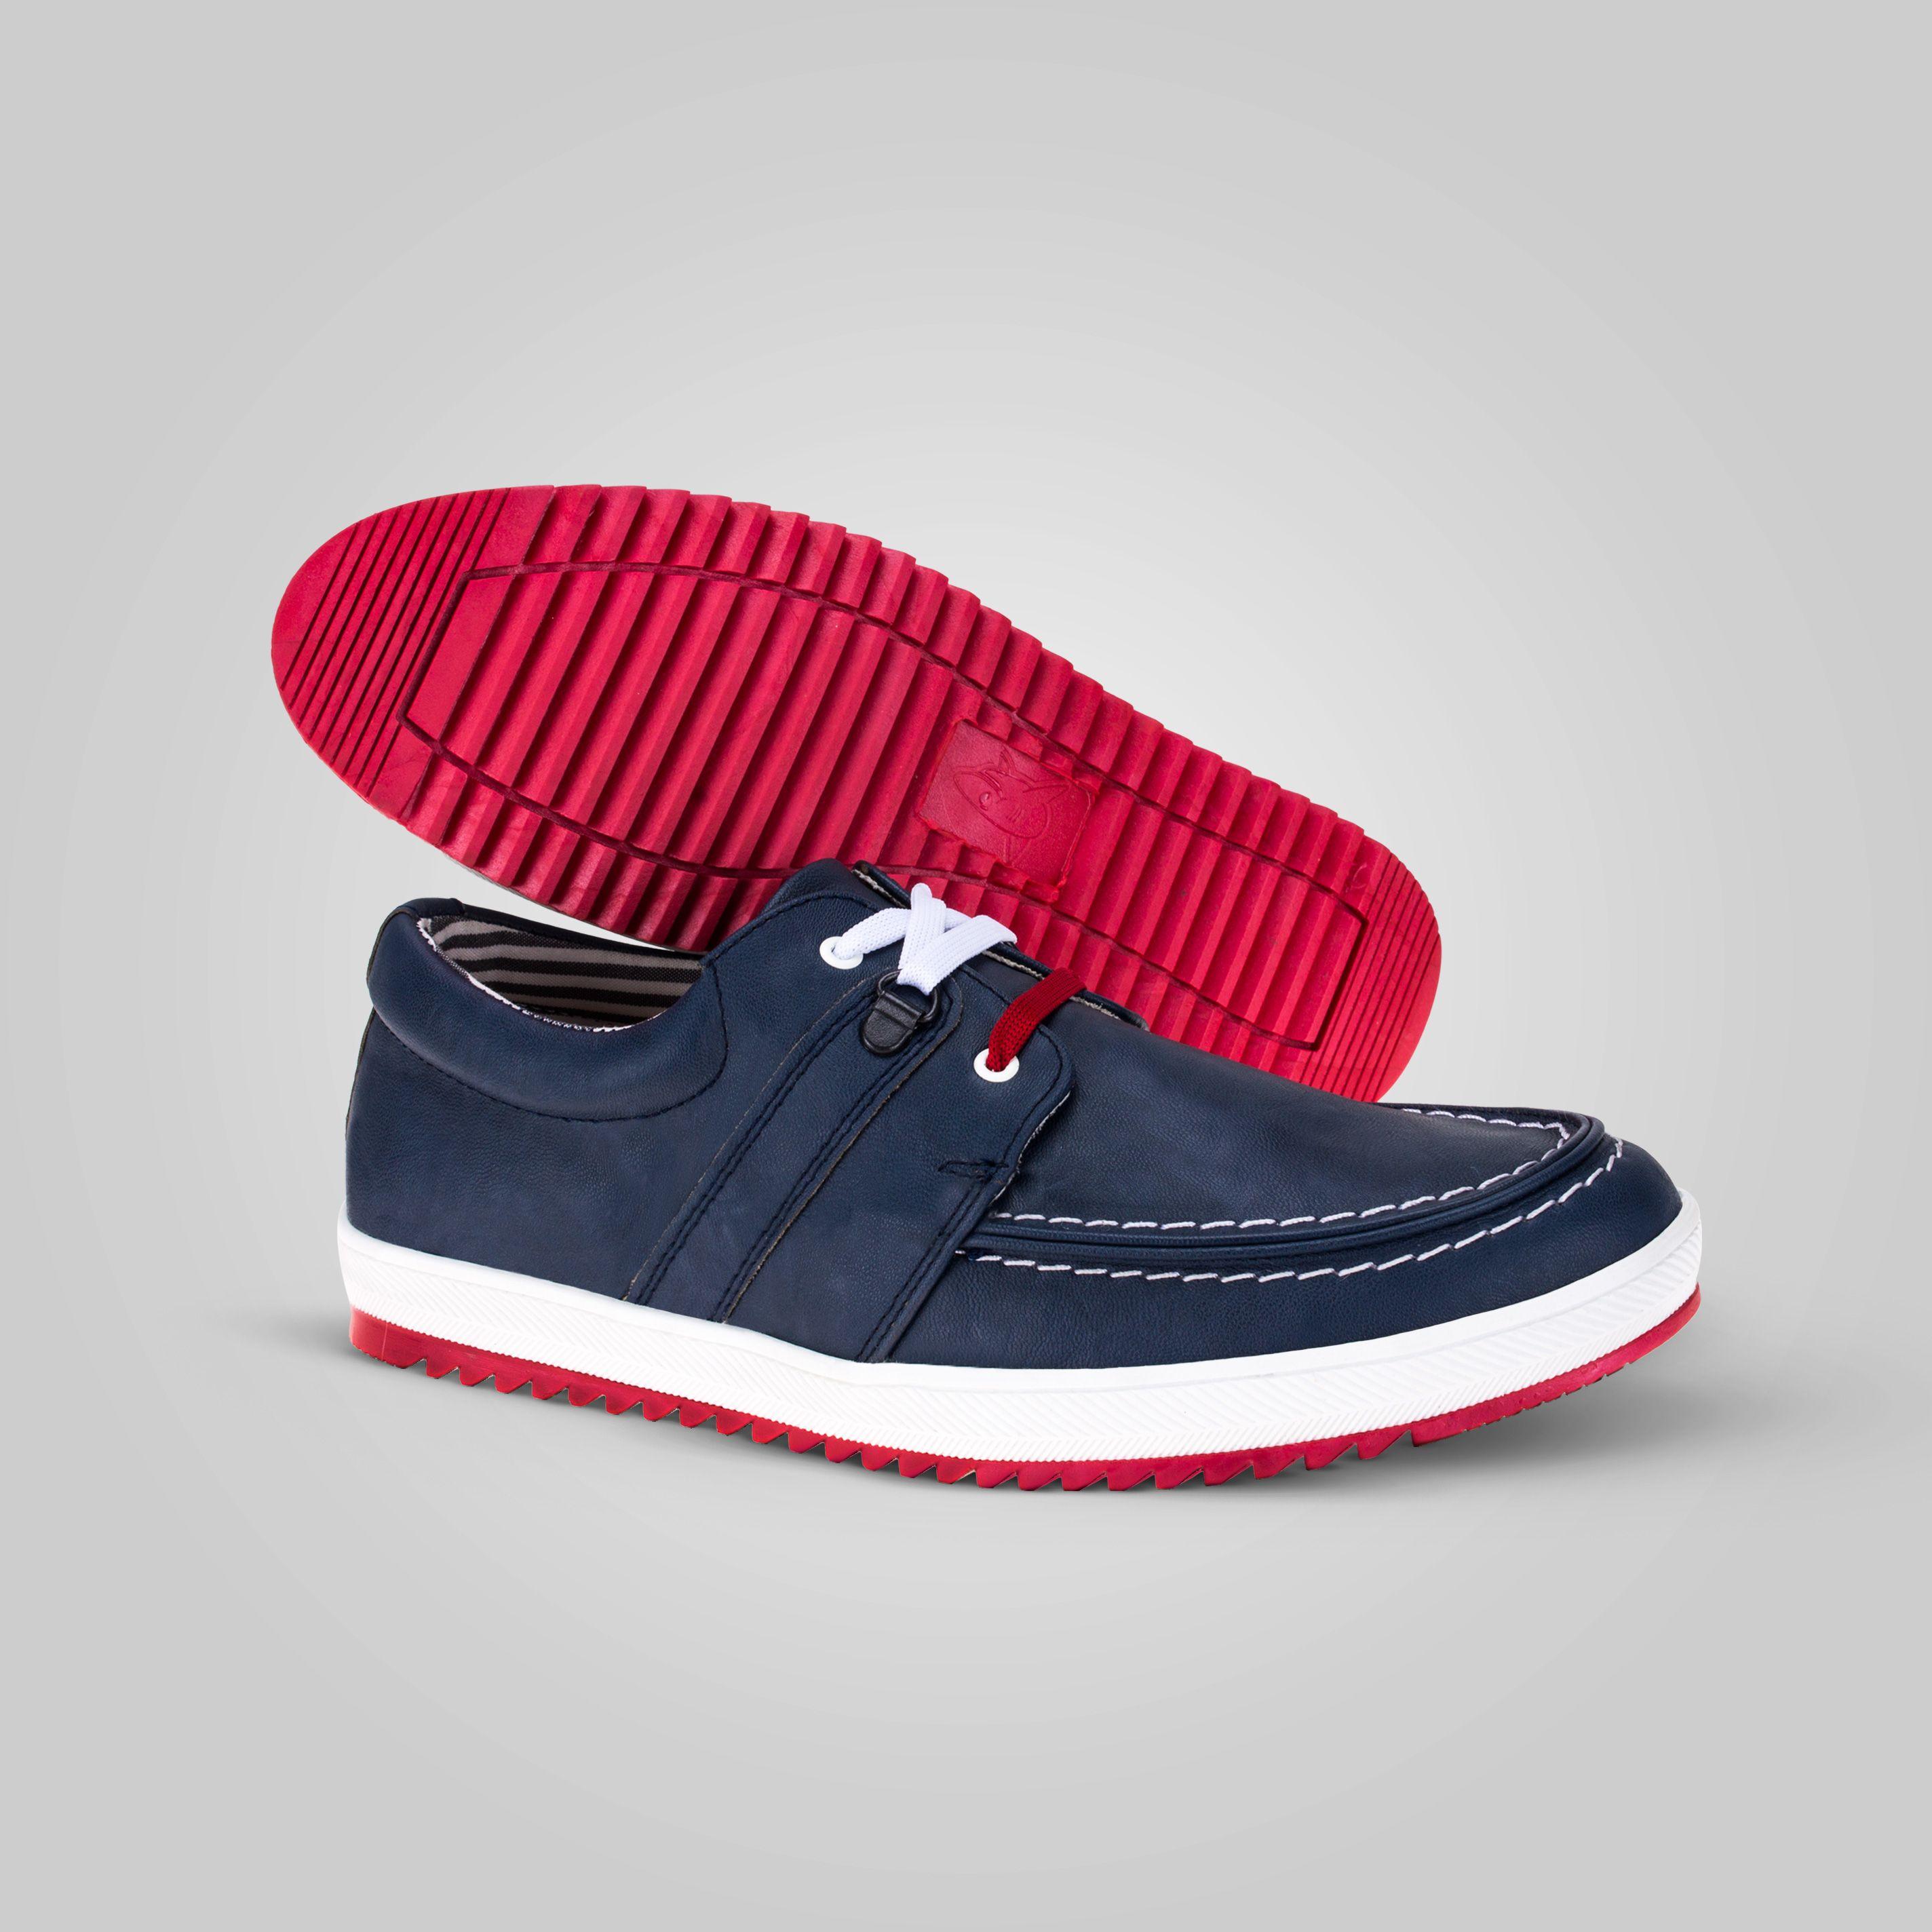 Berwick 1707 - Zapatos de cordones para hombre azul Size: 42.5 m4wMg340U